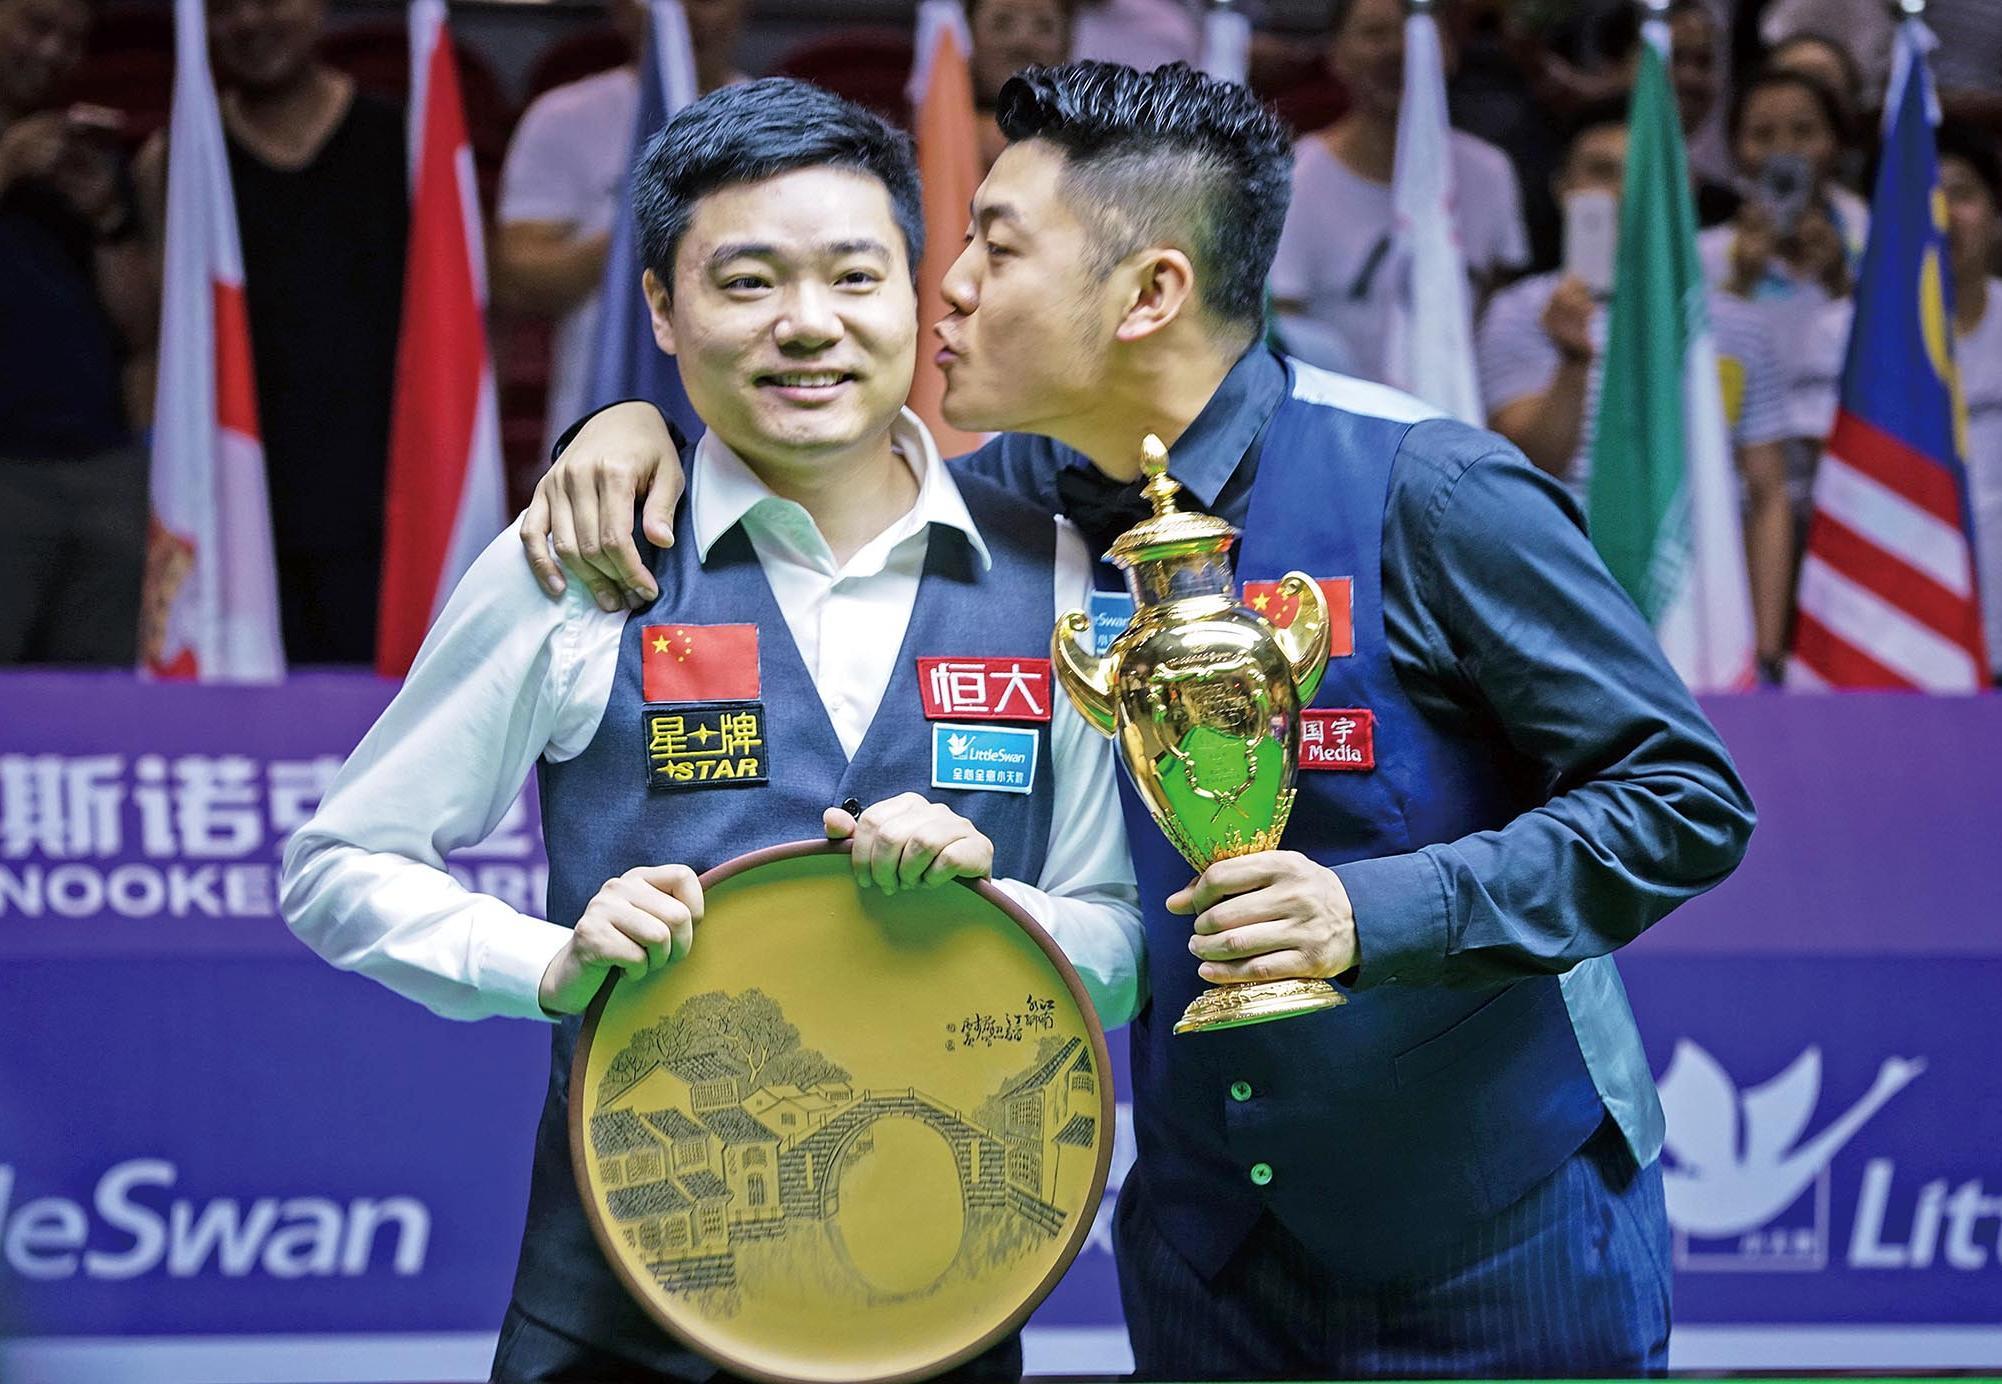 中國奪桌球世界盃